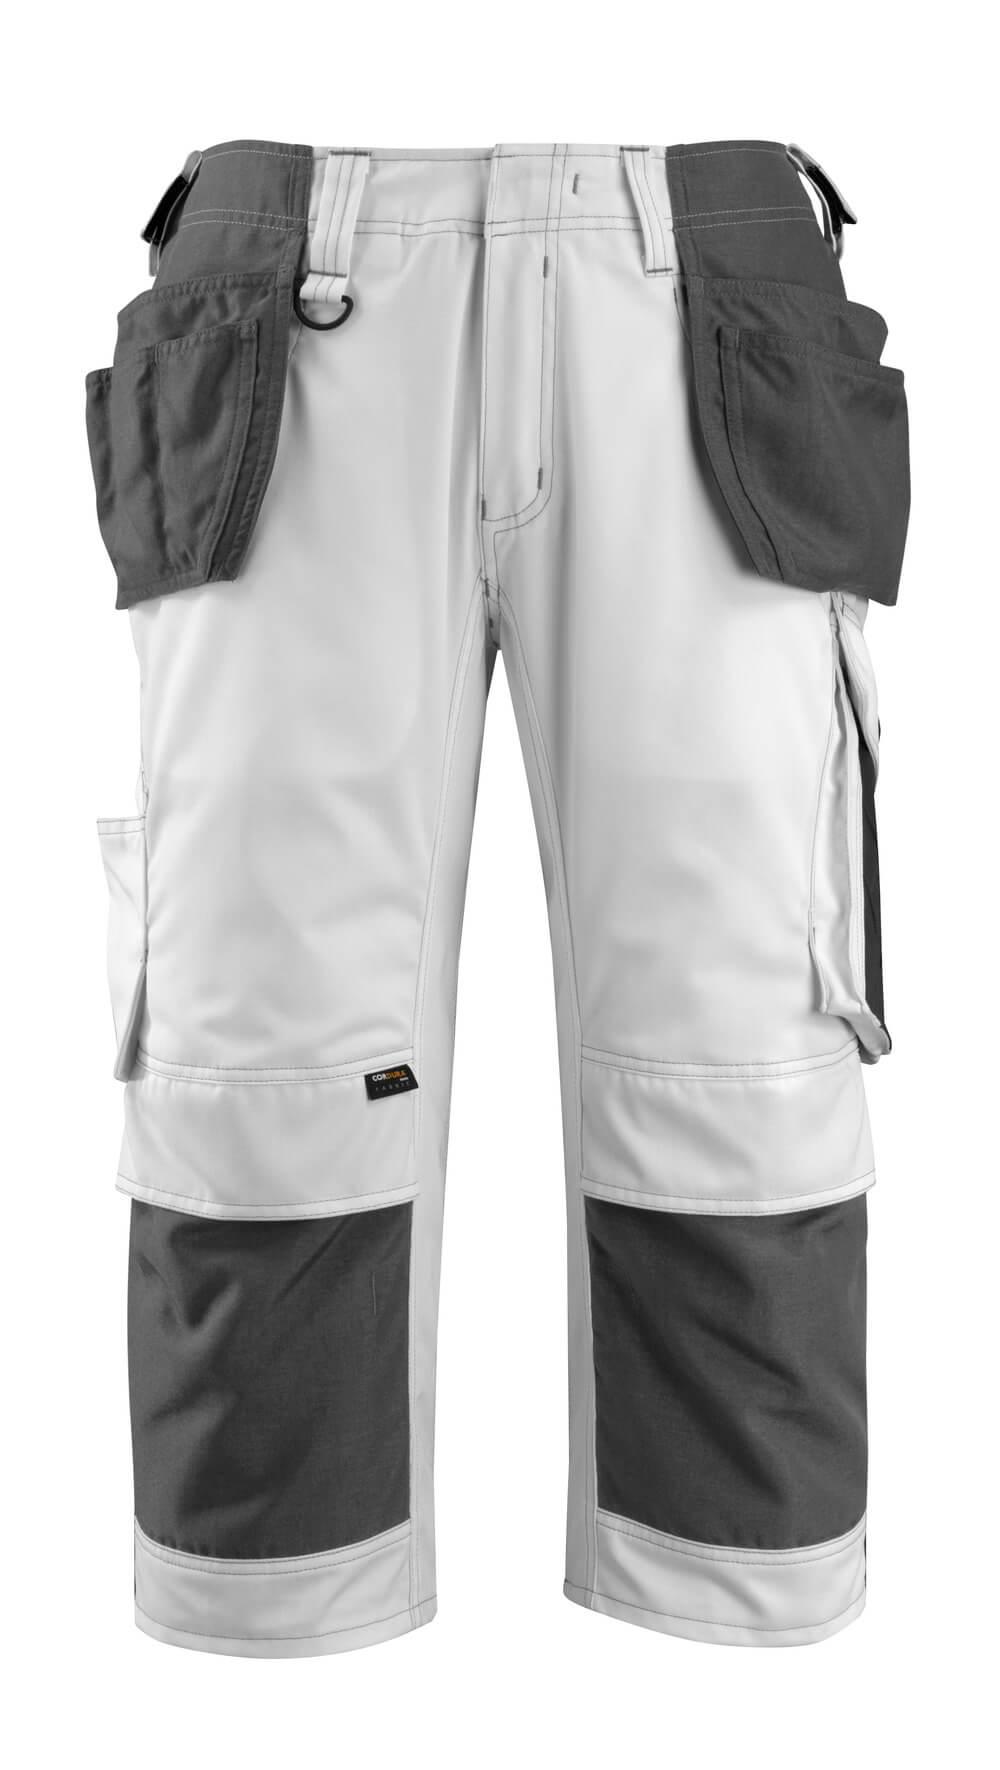 14349-442-0618 ¾-housut riipputaskuilla - valkoinen/tumma antrasiitti